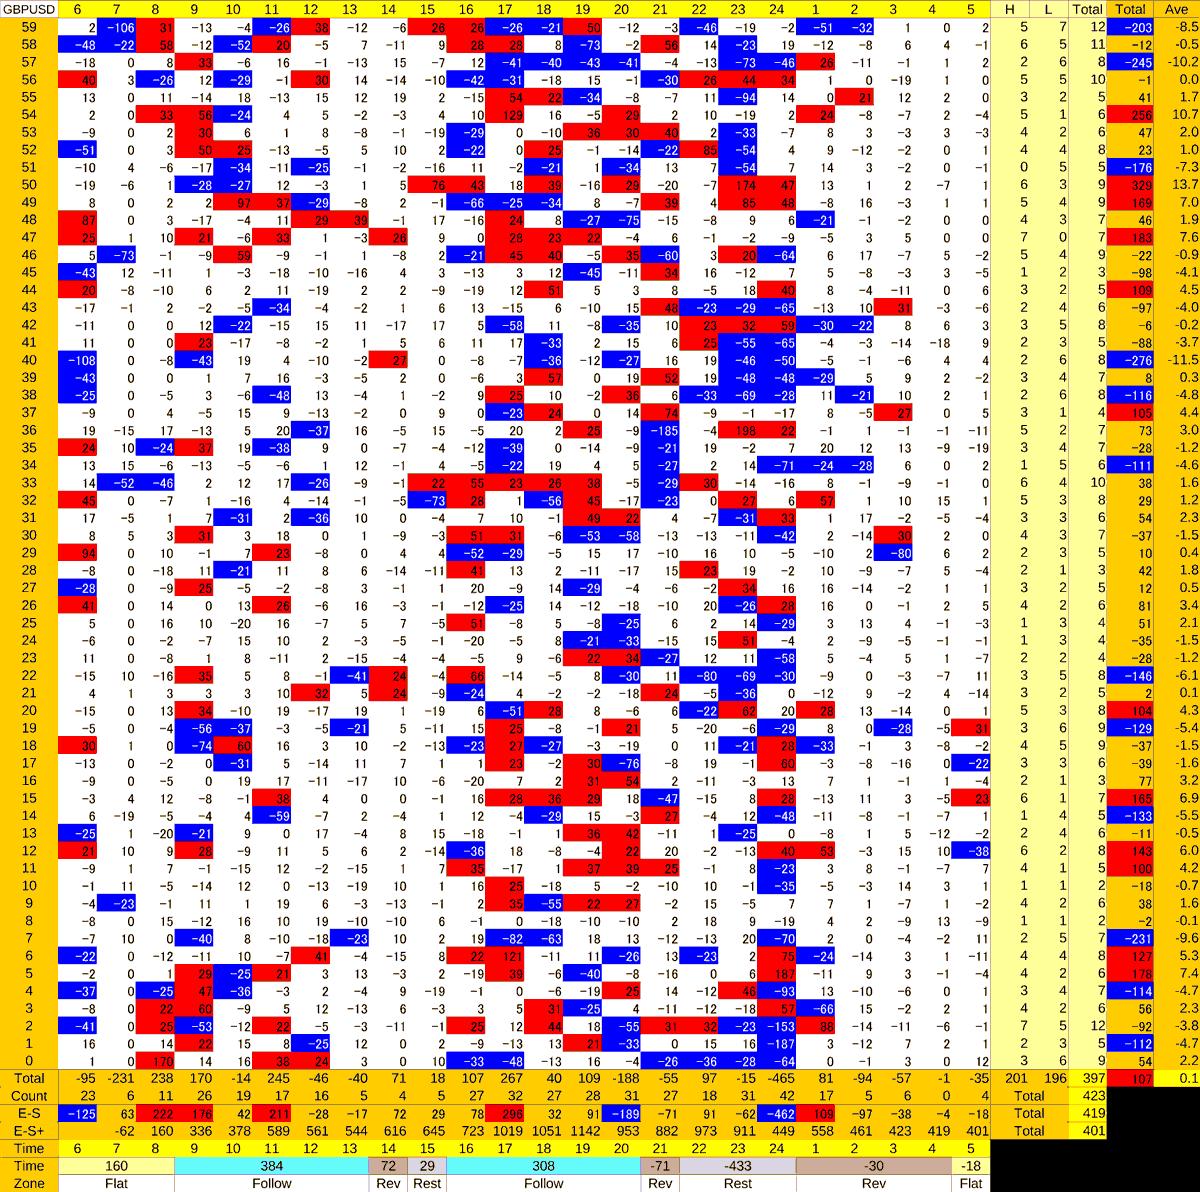 20201224_HS(2)GBPUSD